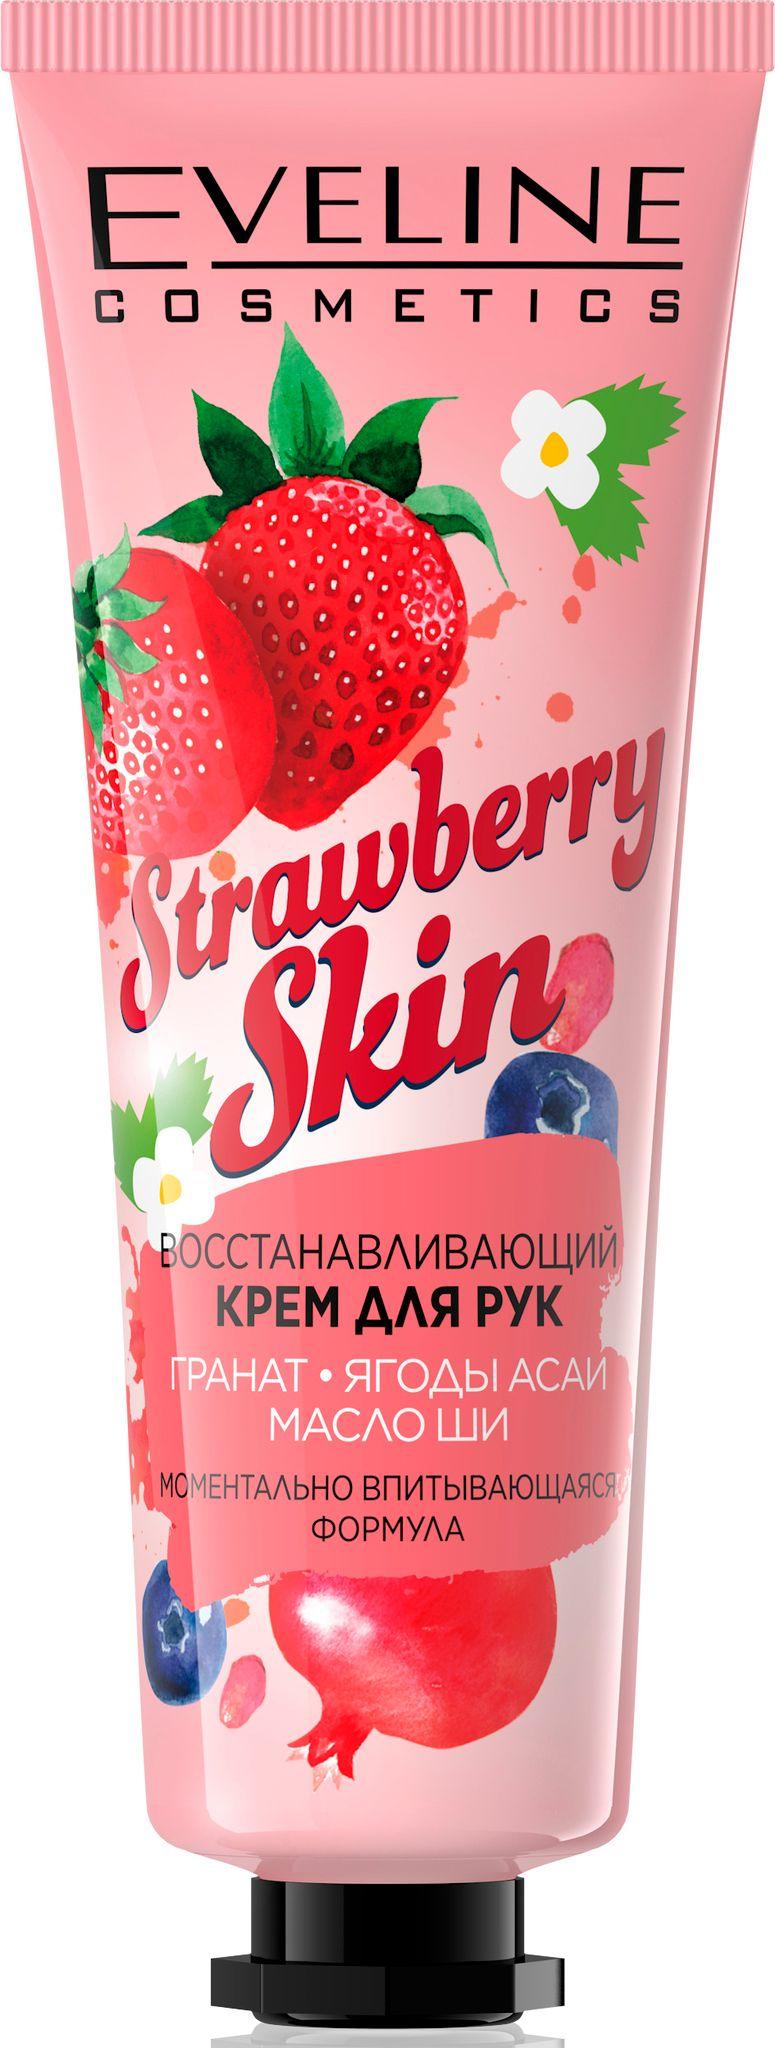 Regenerating hand cream - strawberry skin cream, 50 ml